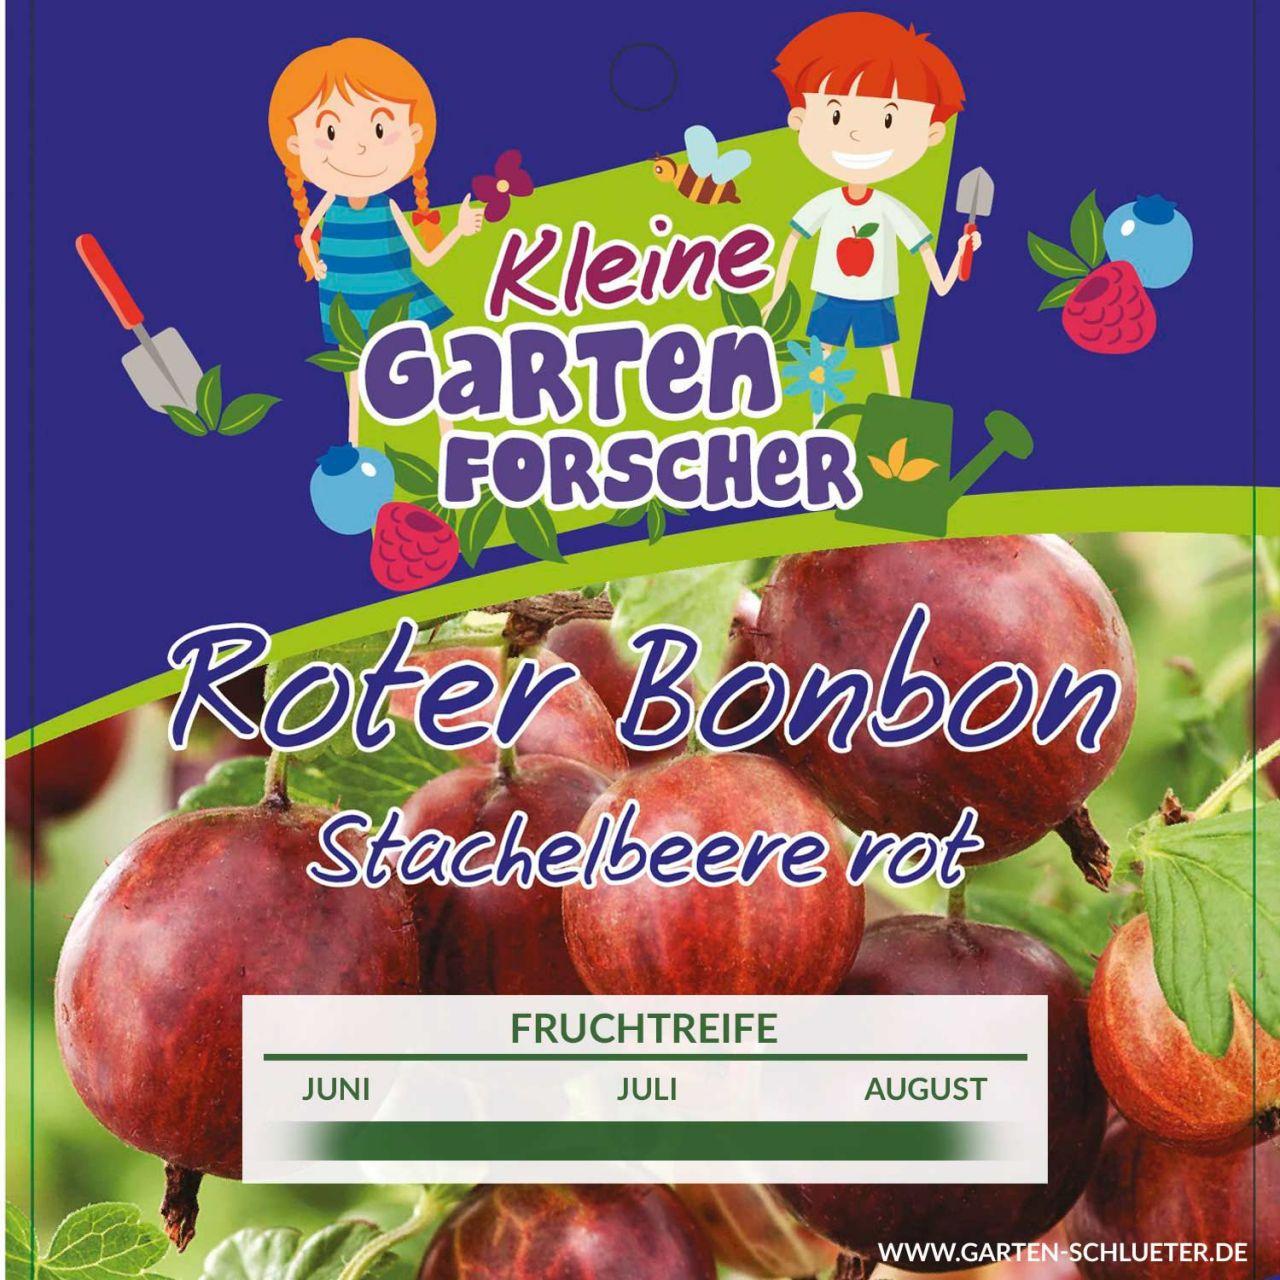 Rote Stachelbeere 'Roter Bonbon' - Kleine Gartenforscher